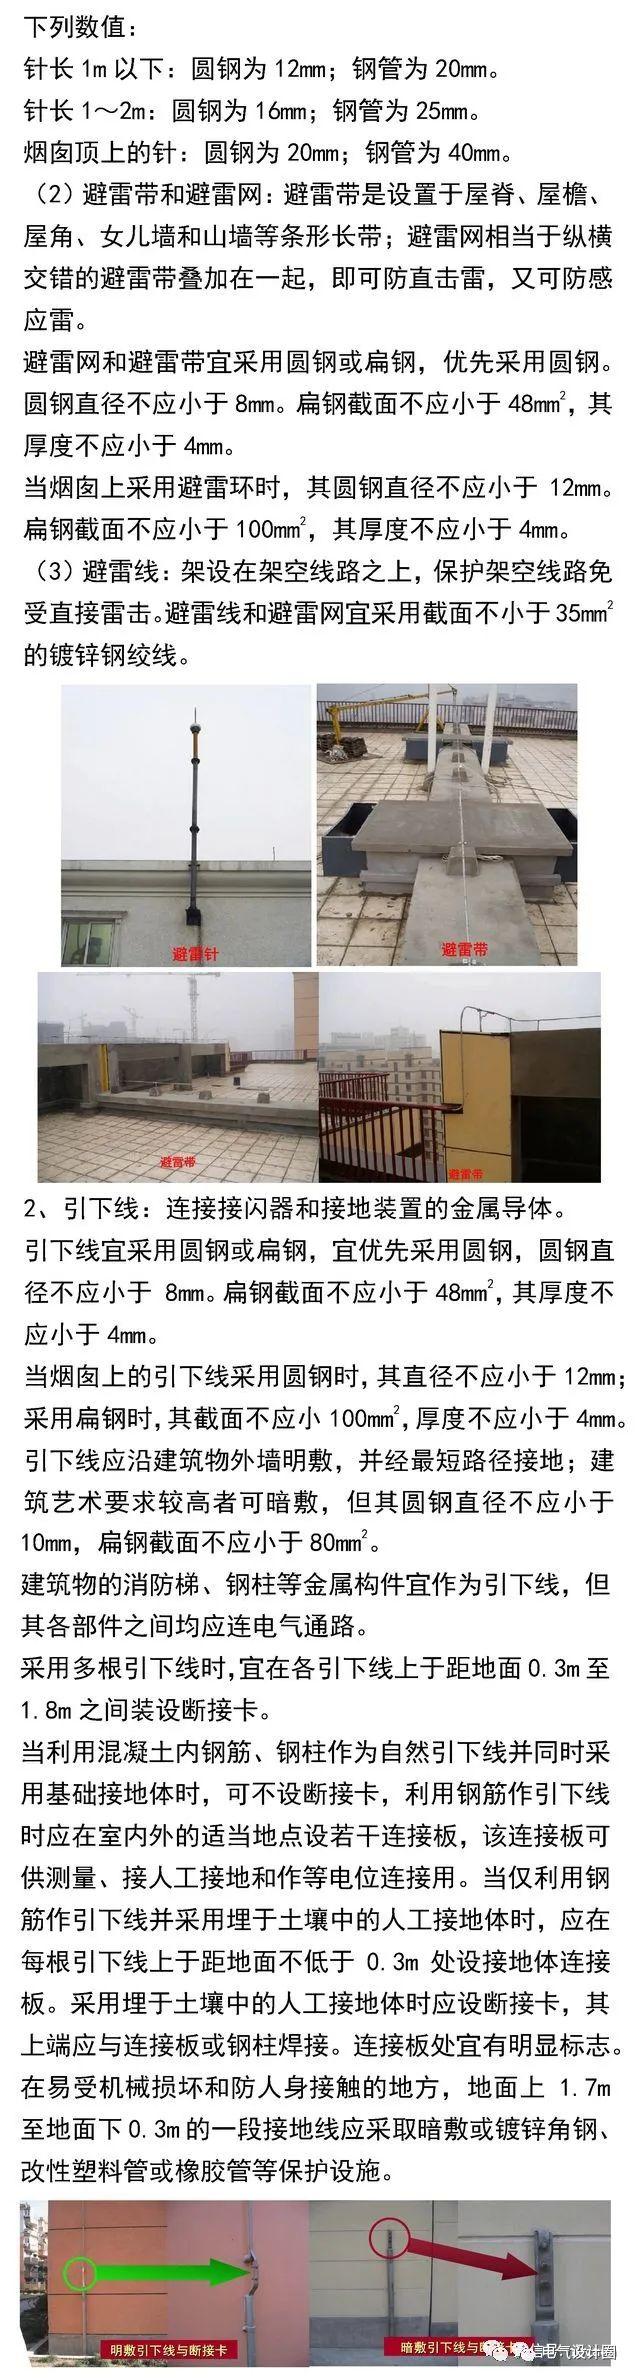 防雷减灾图片3